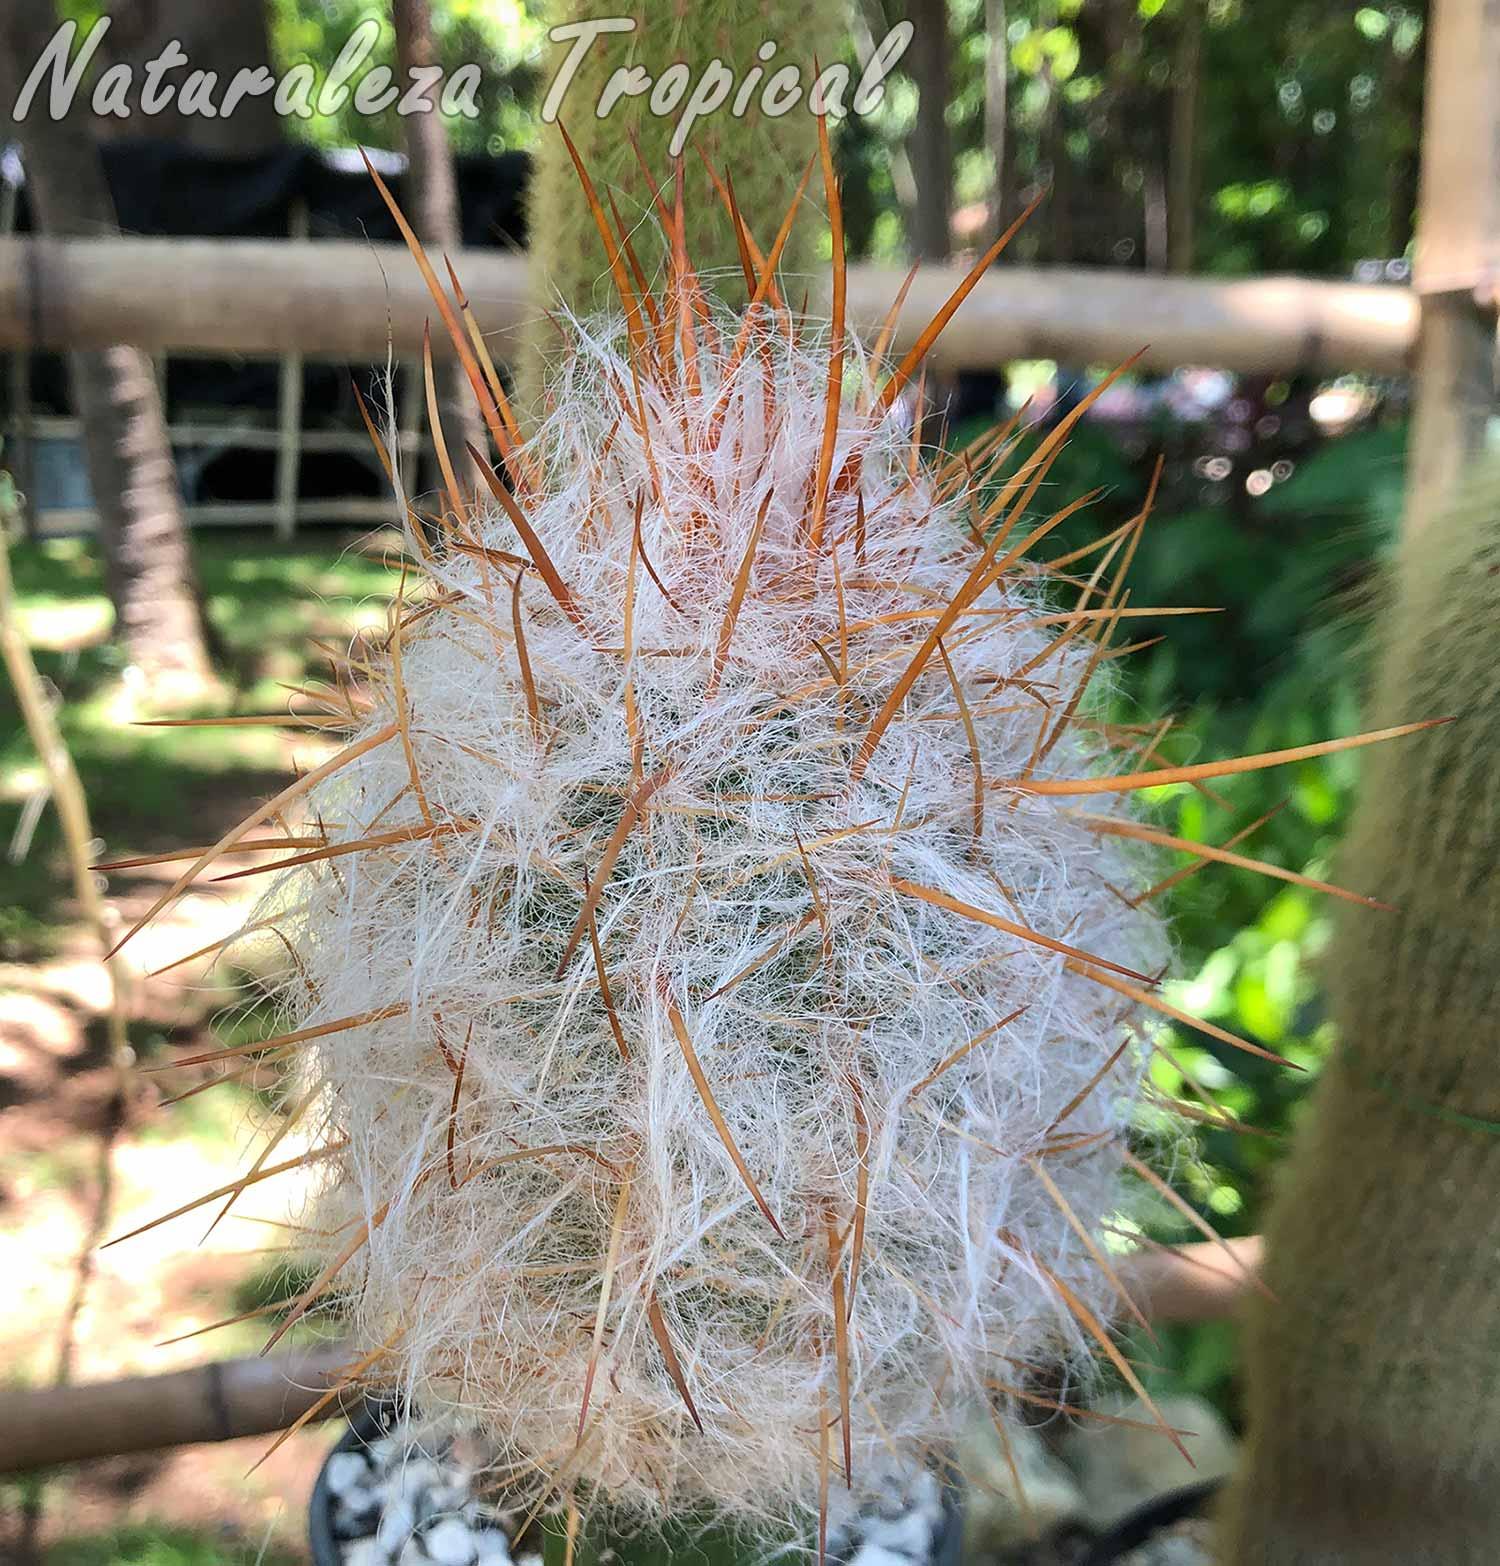 Vista de un cactus del género Oreocereus